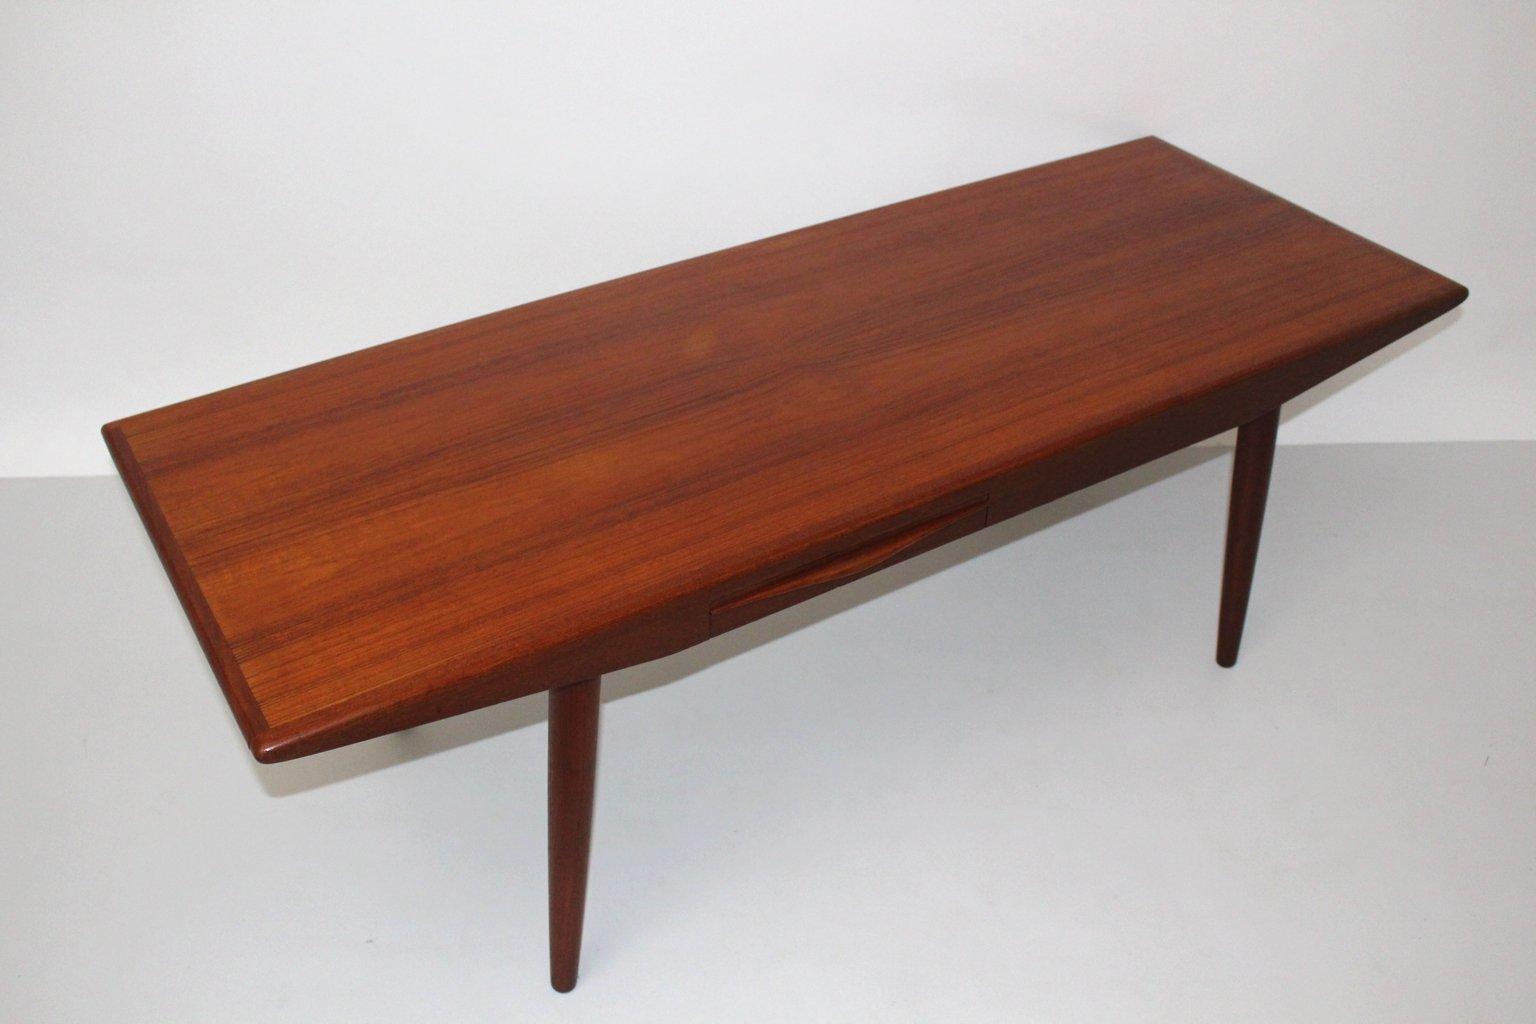 d nischer teak couchtisch mit schubladen von johannes andersen 1960er bei pamono kaufen. Black Bedroom Furniture Sets. Home Design Ideas